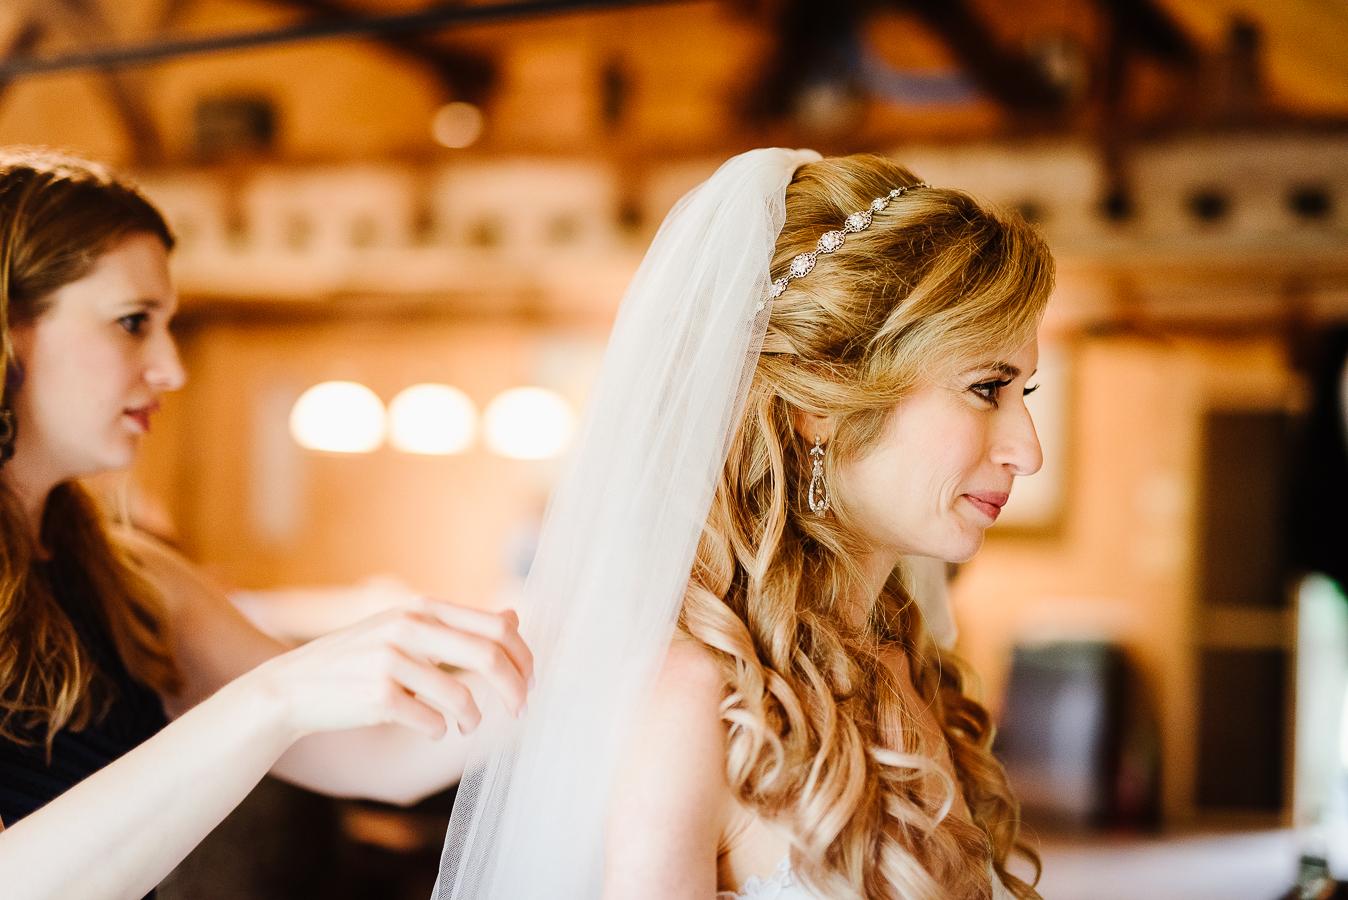 Stylish Crossed Keys Inn Wedding Crossed Keys Wedding Crossed Keys Inn Andover NJ Longbrook Photography-30.jpg